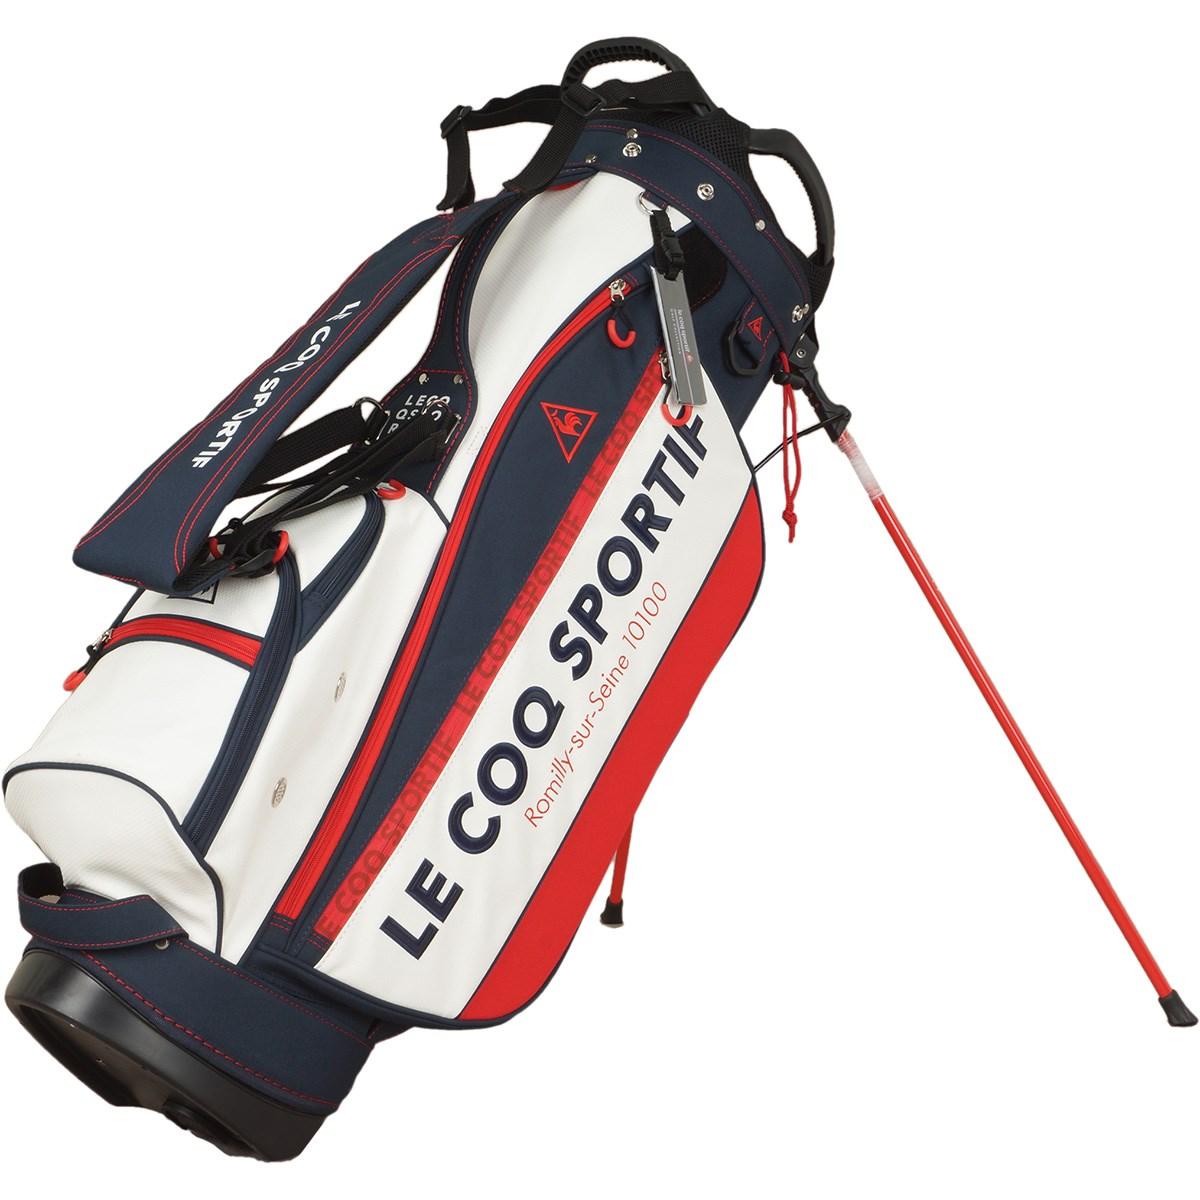 ルコックゴルフ Le coq sportif GOLF スタンドキャディバッグ ホワイト 00